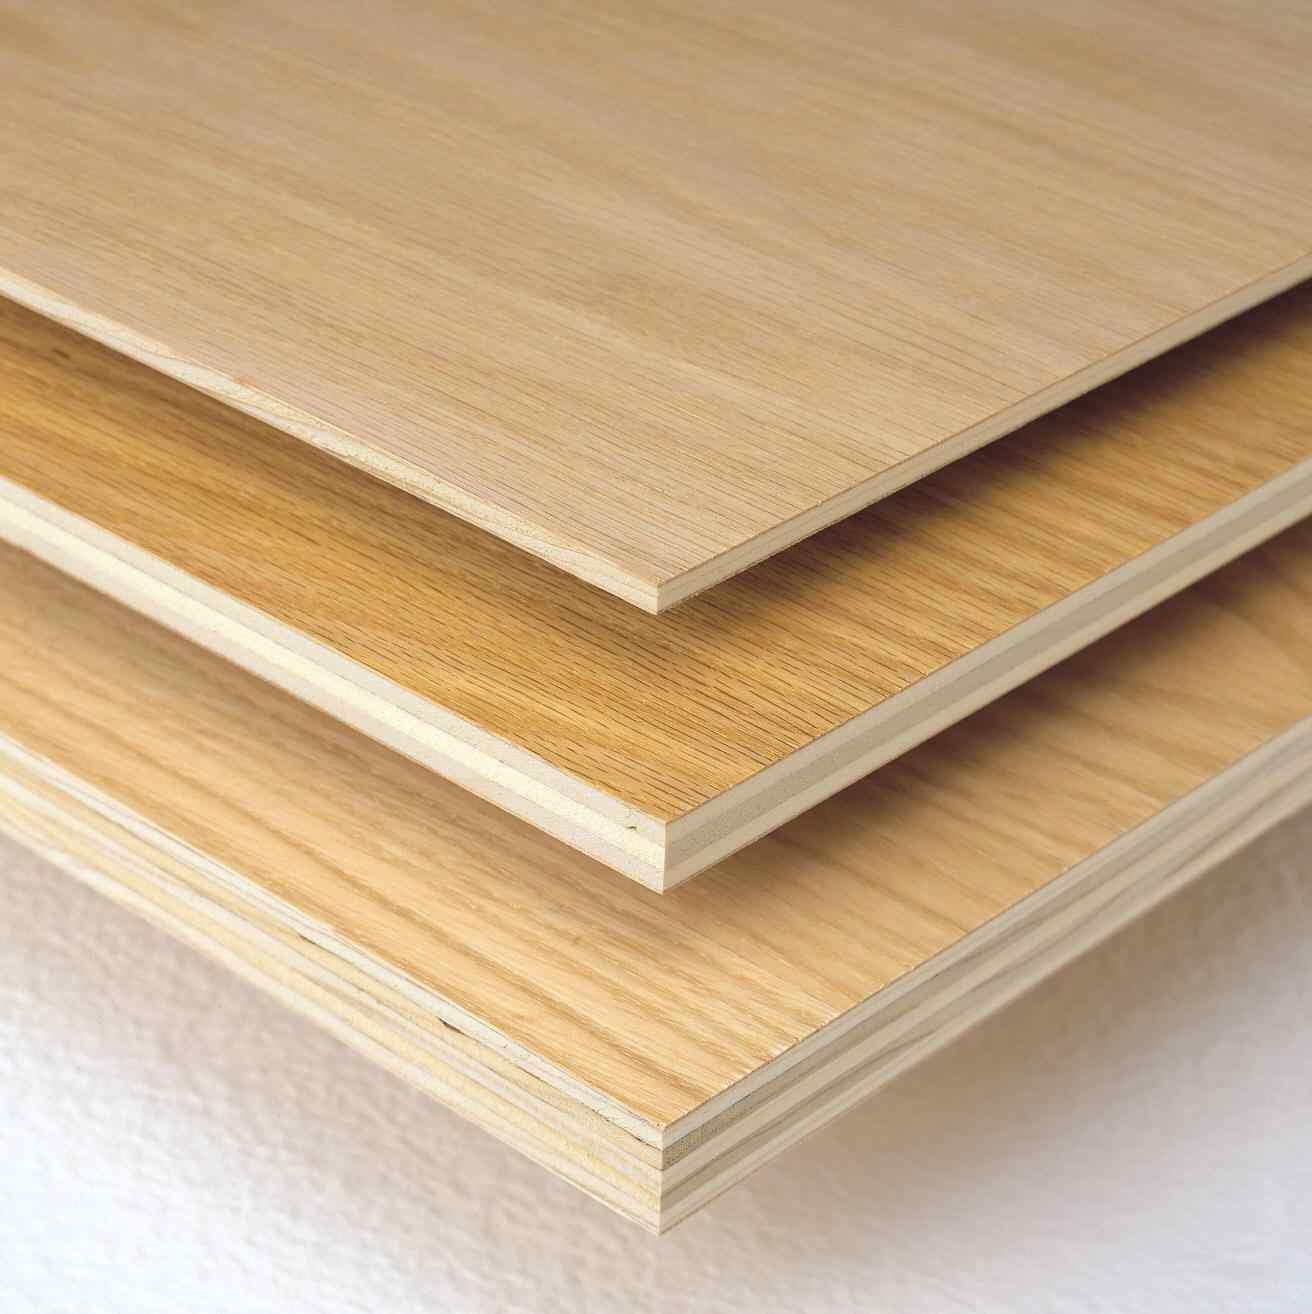 В качестве основы для топиария стоит использовать деревянную фанеру